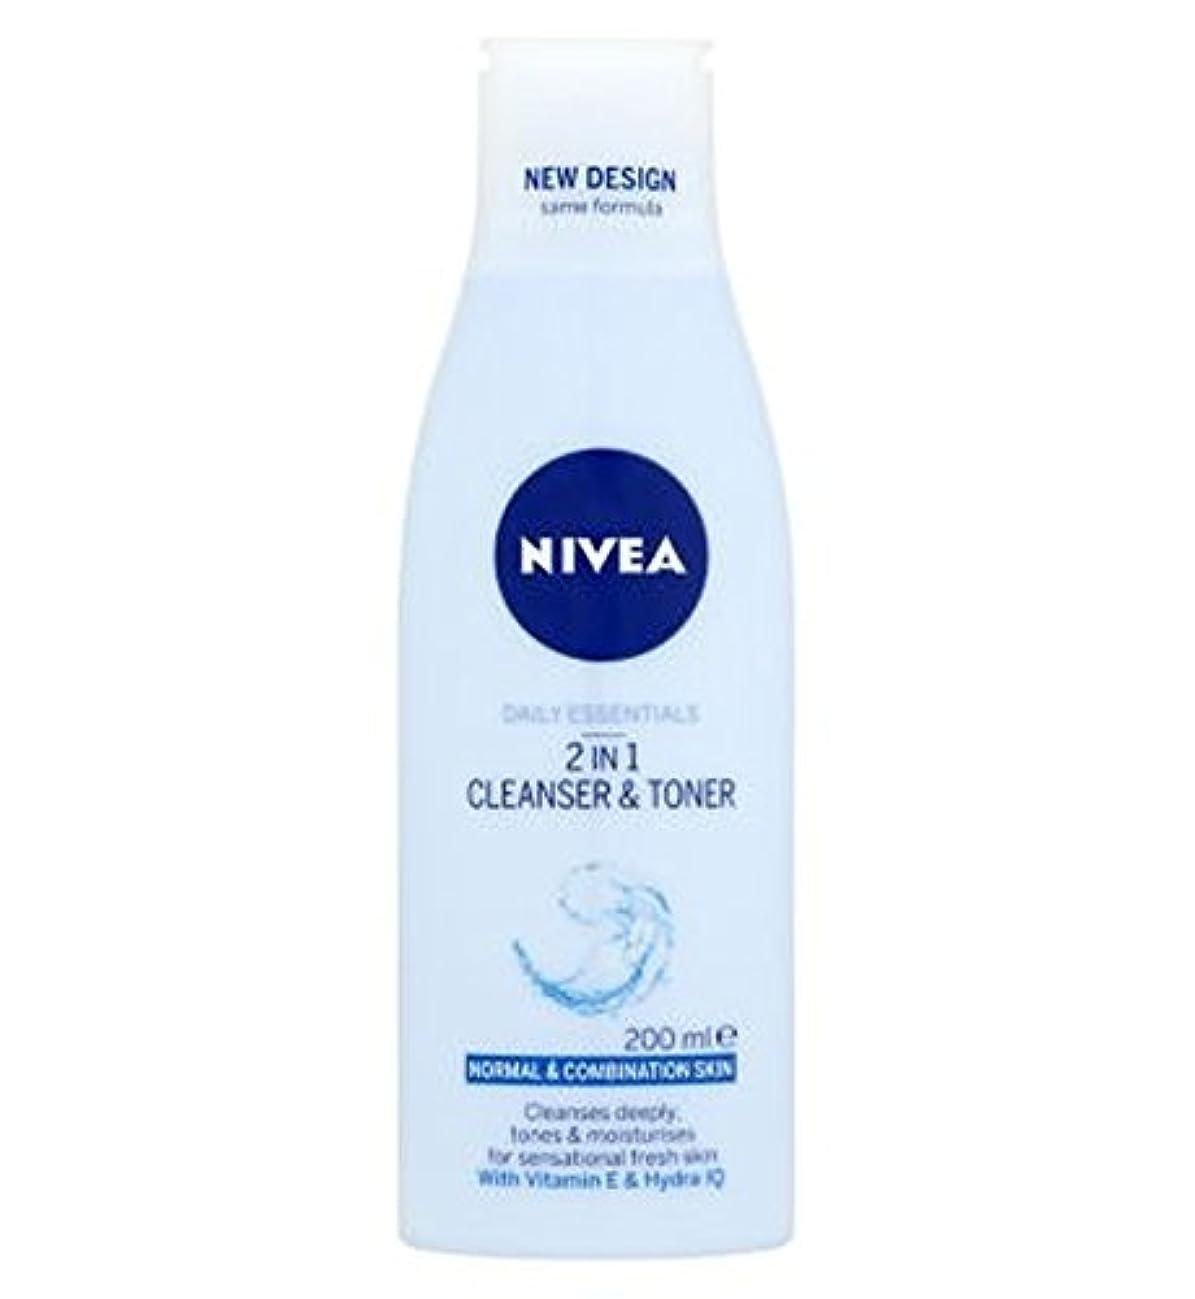 ポルノ異常な兄弟愛Nivea Daily Essentials 2 in 1 Cleanser and Toner 200ml - ニベア生活必需品2 1クレンザーとトナー200ミリリットルで (Nivea) [並行輸入品]